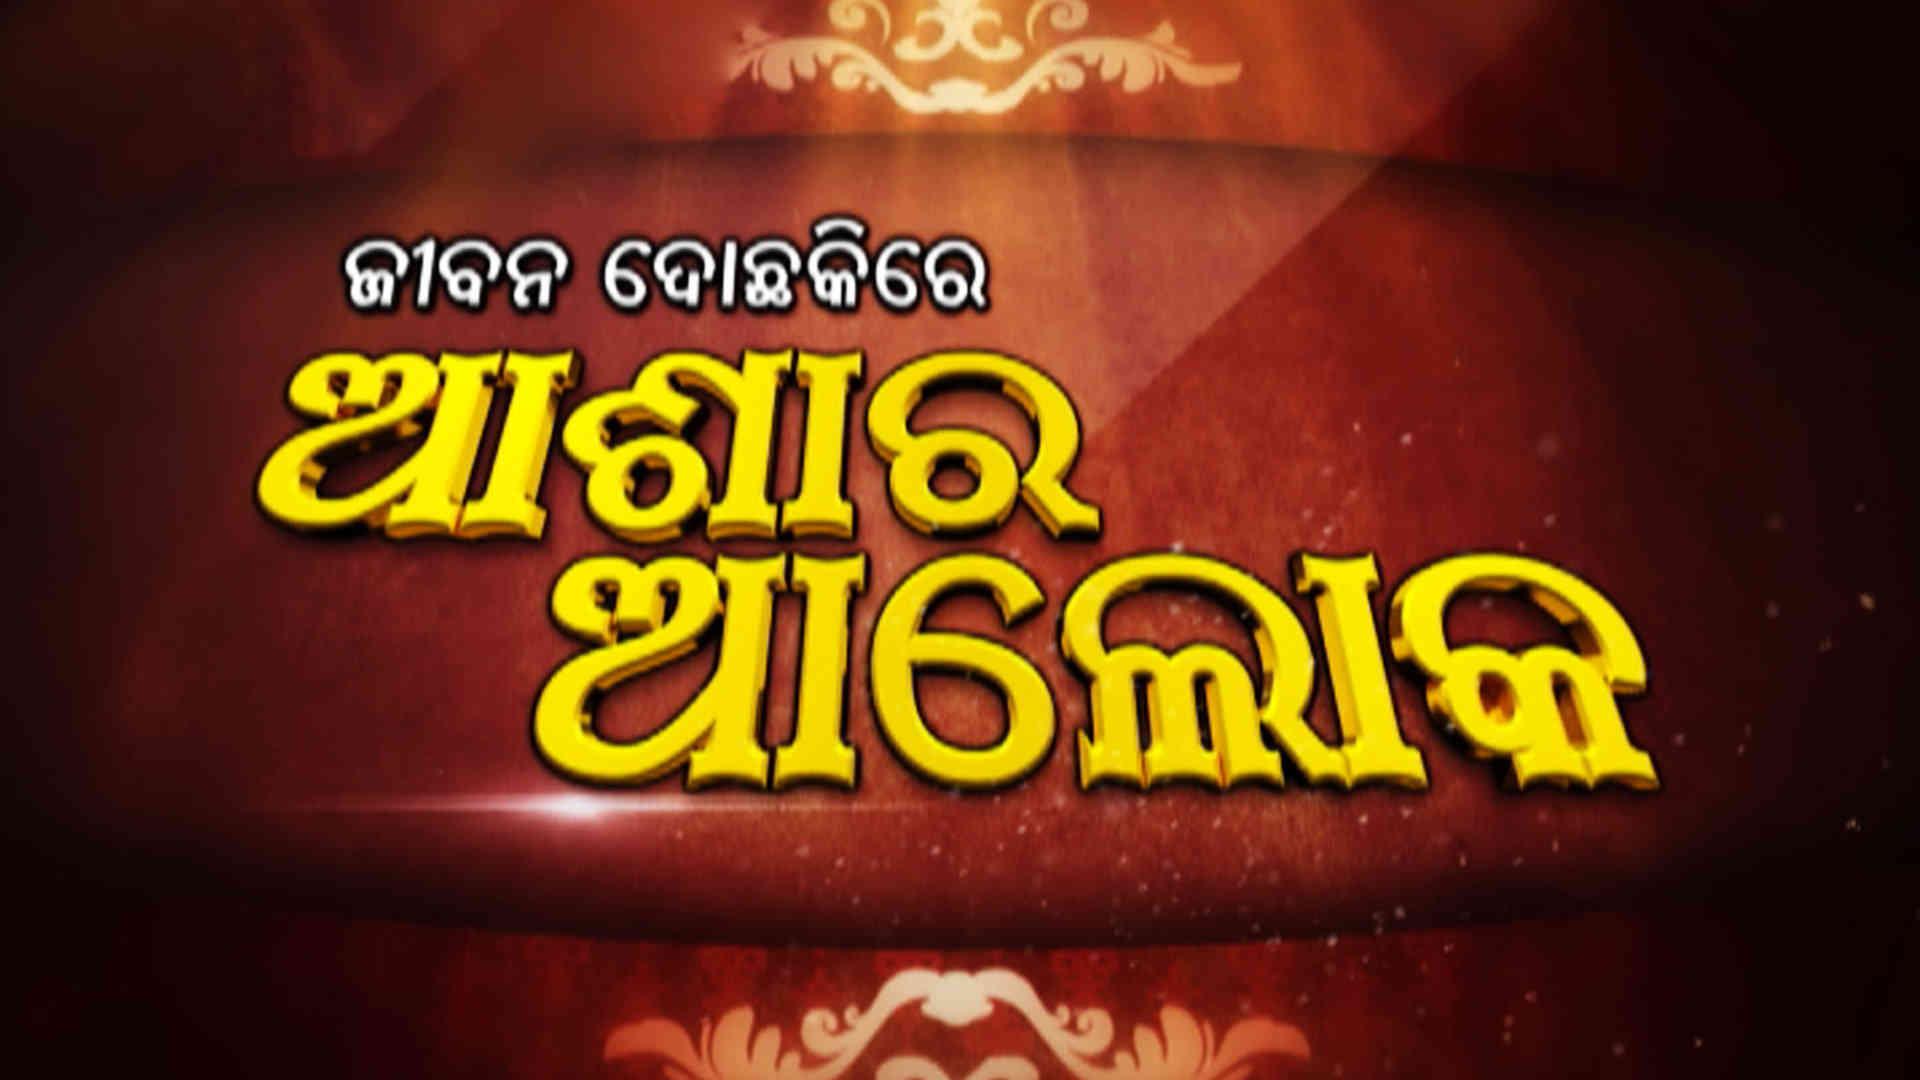 Asha Ra Alok